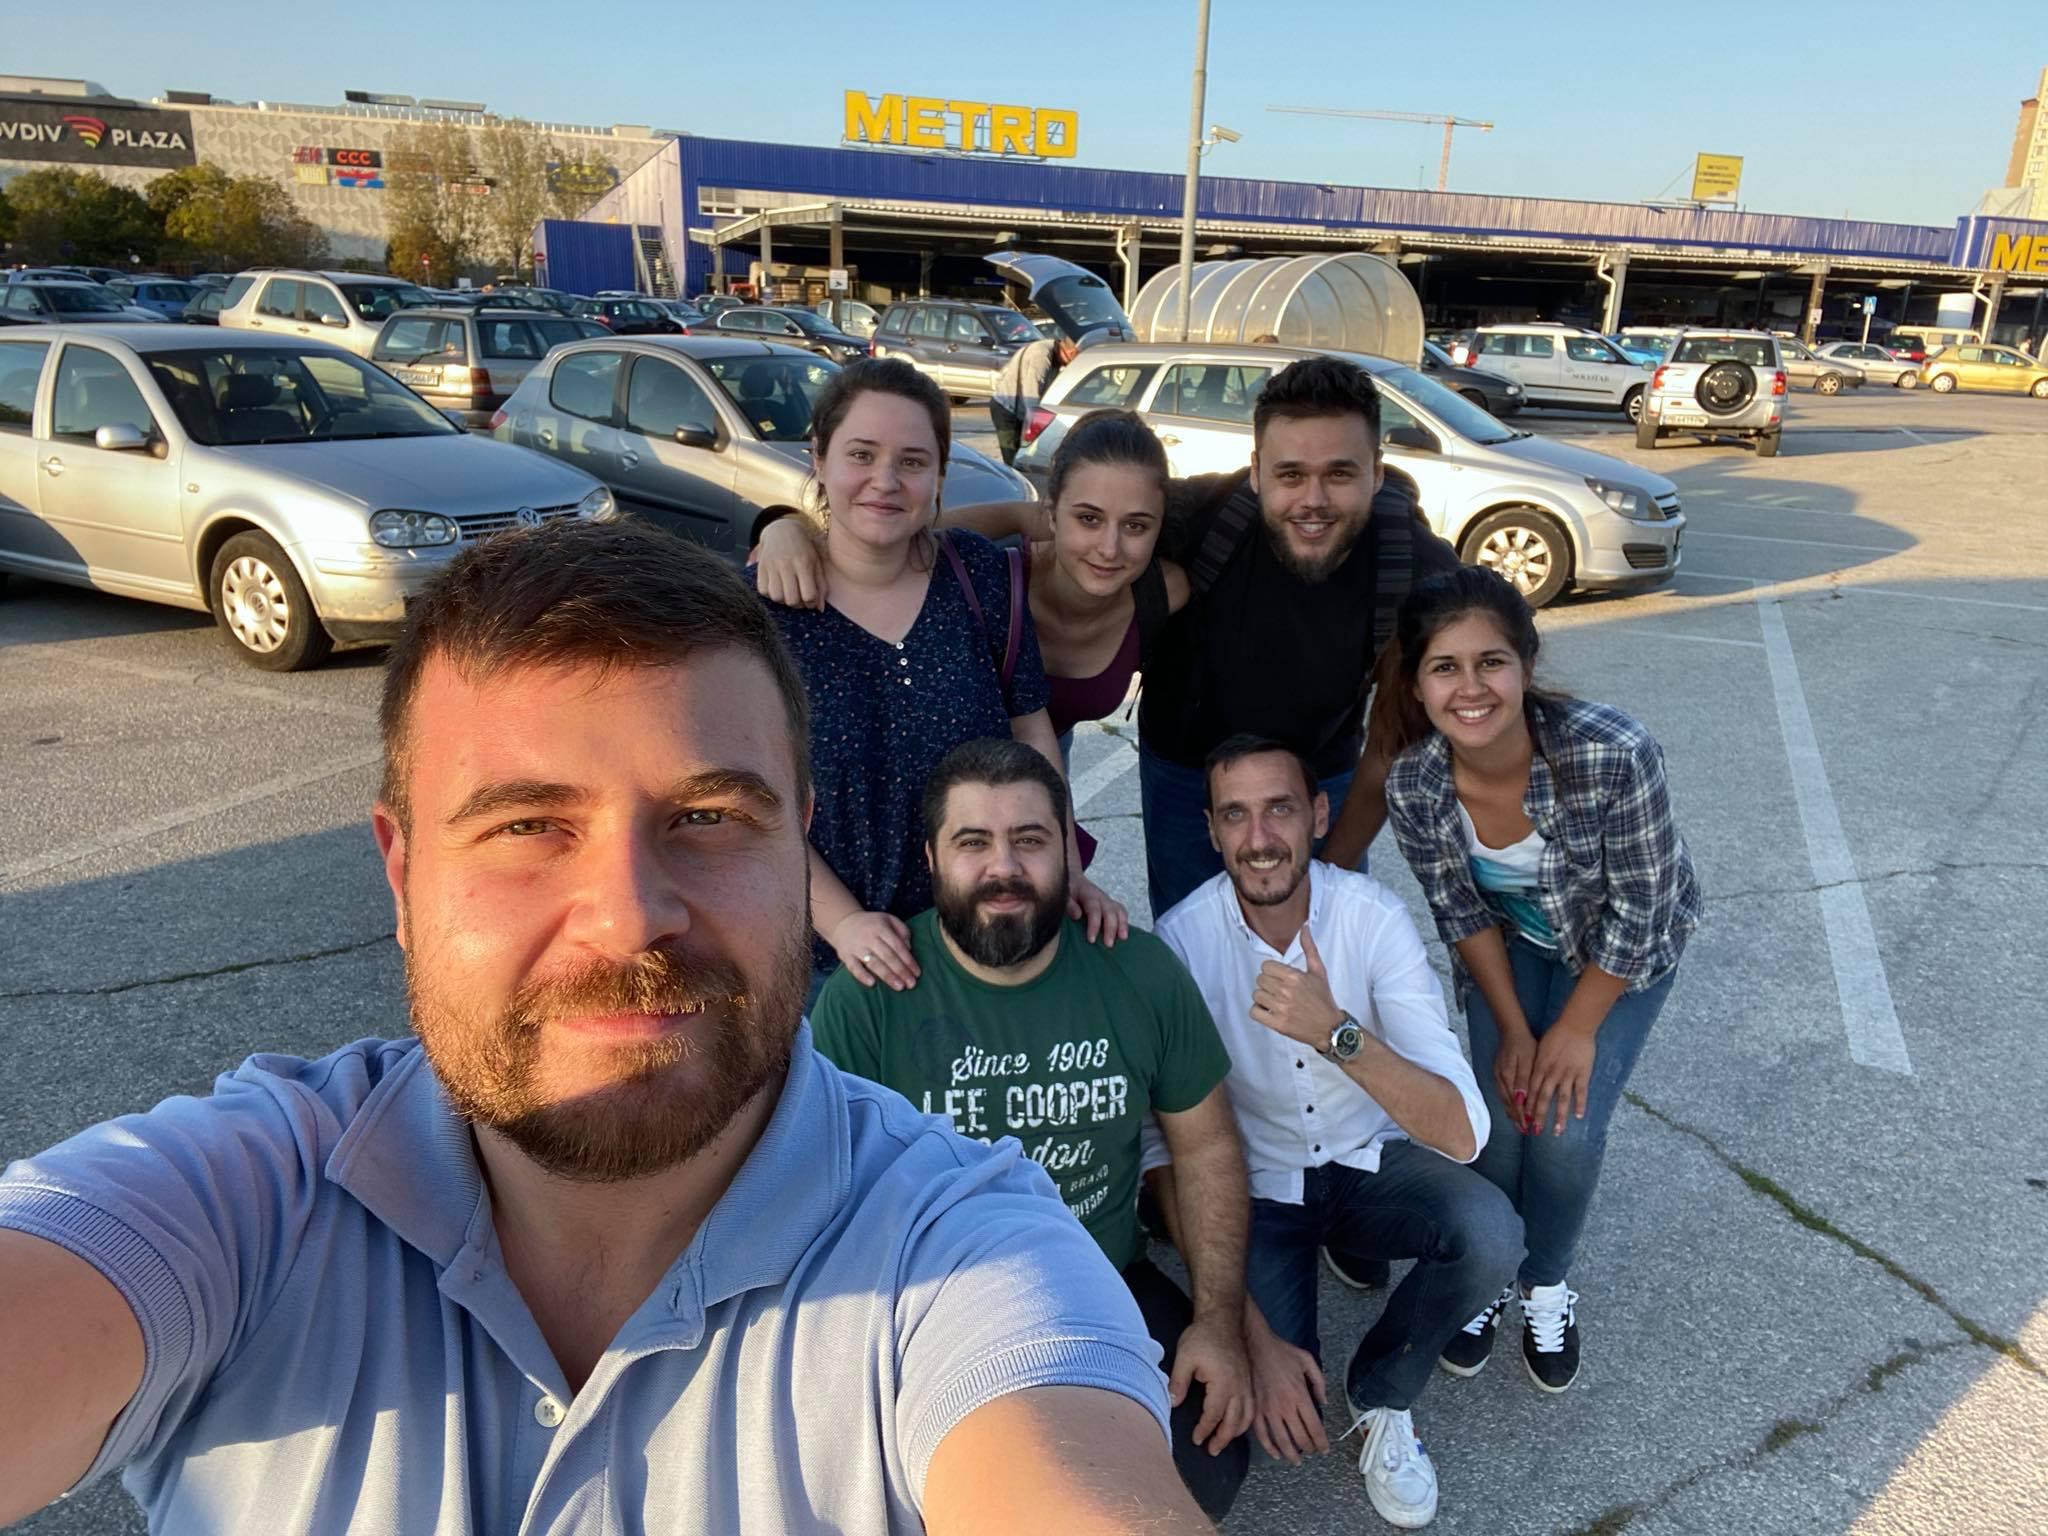 Любомир Чакъров, Васил Спасов и доброволци в кампанията Дари Дреха - Дари Топлина